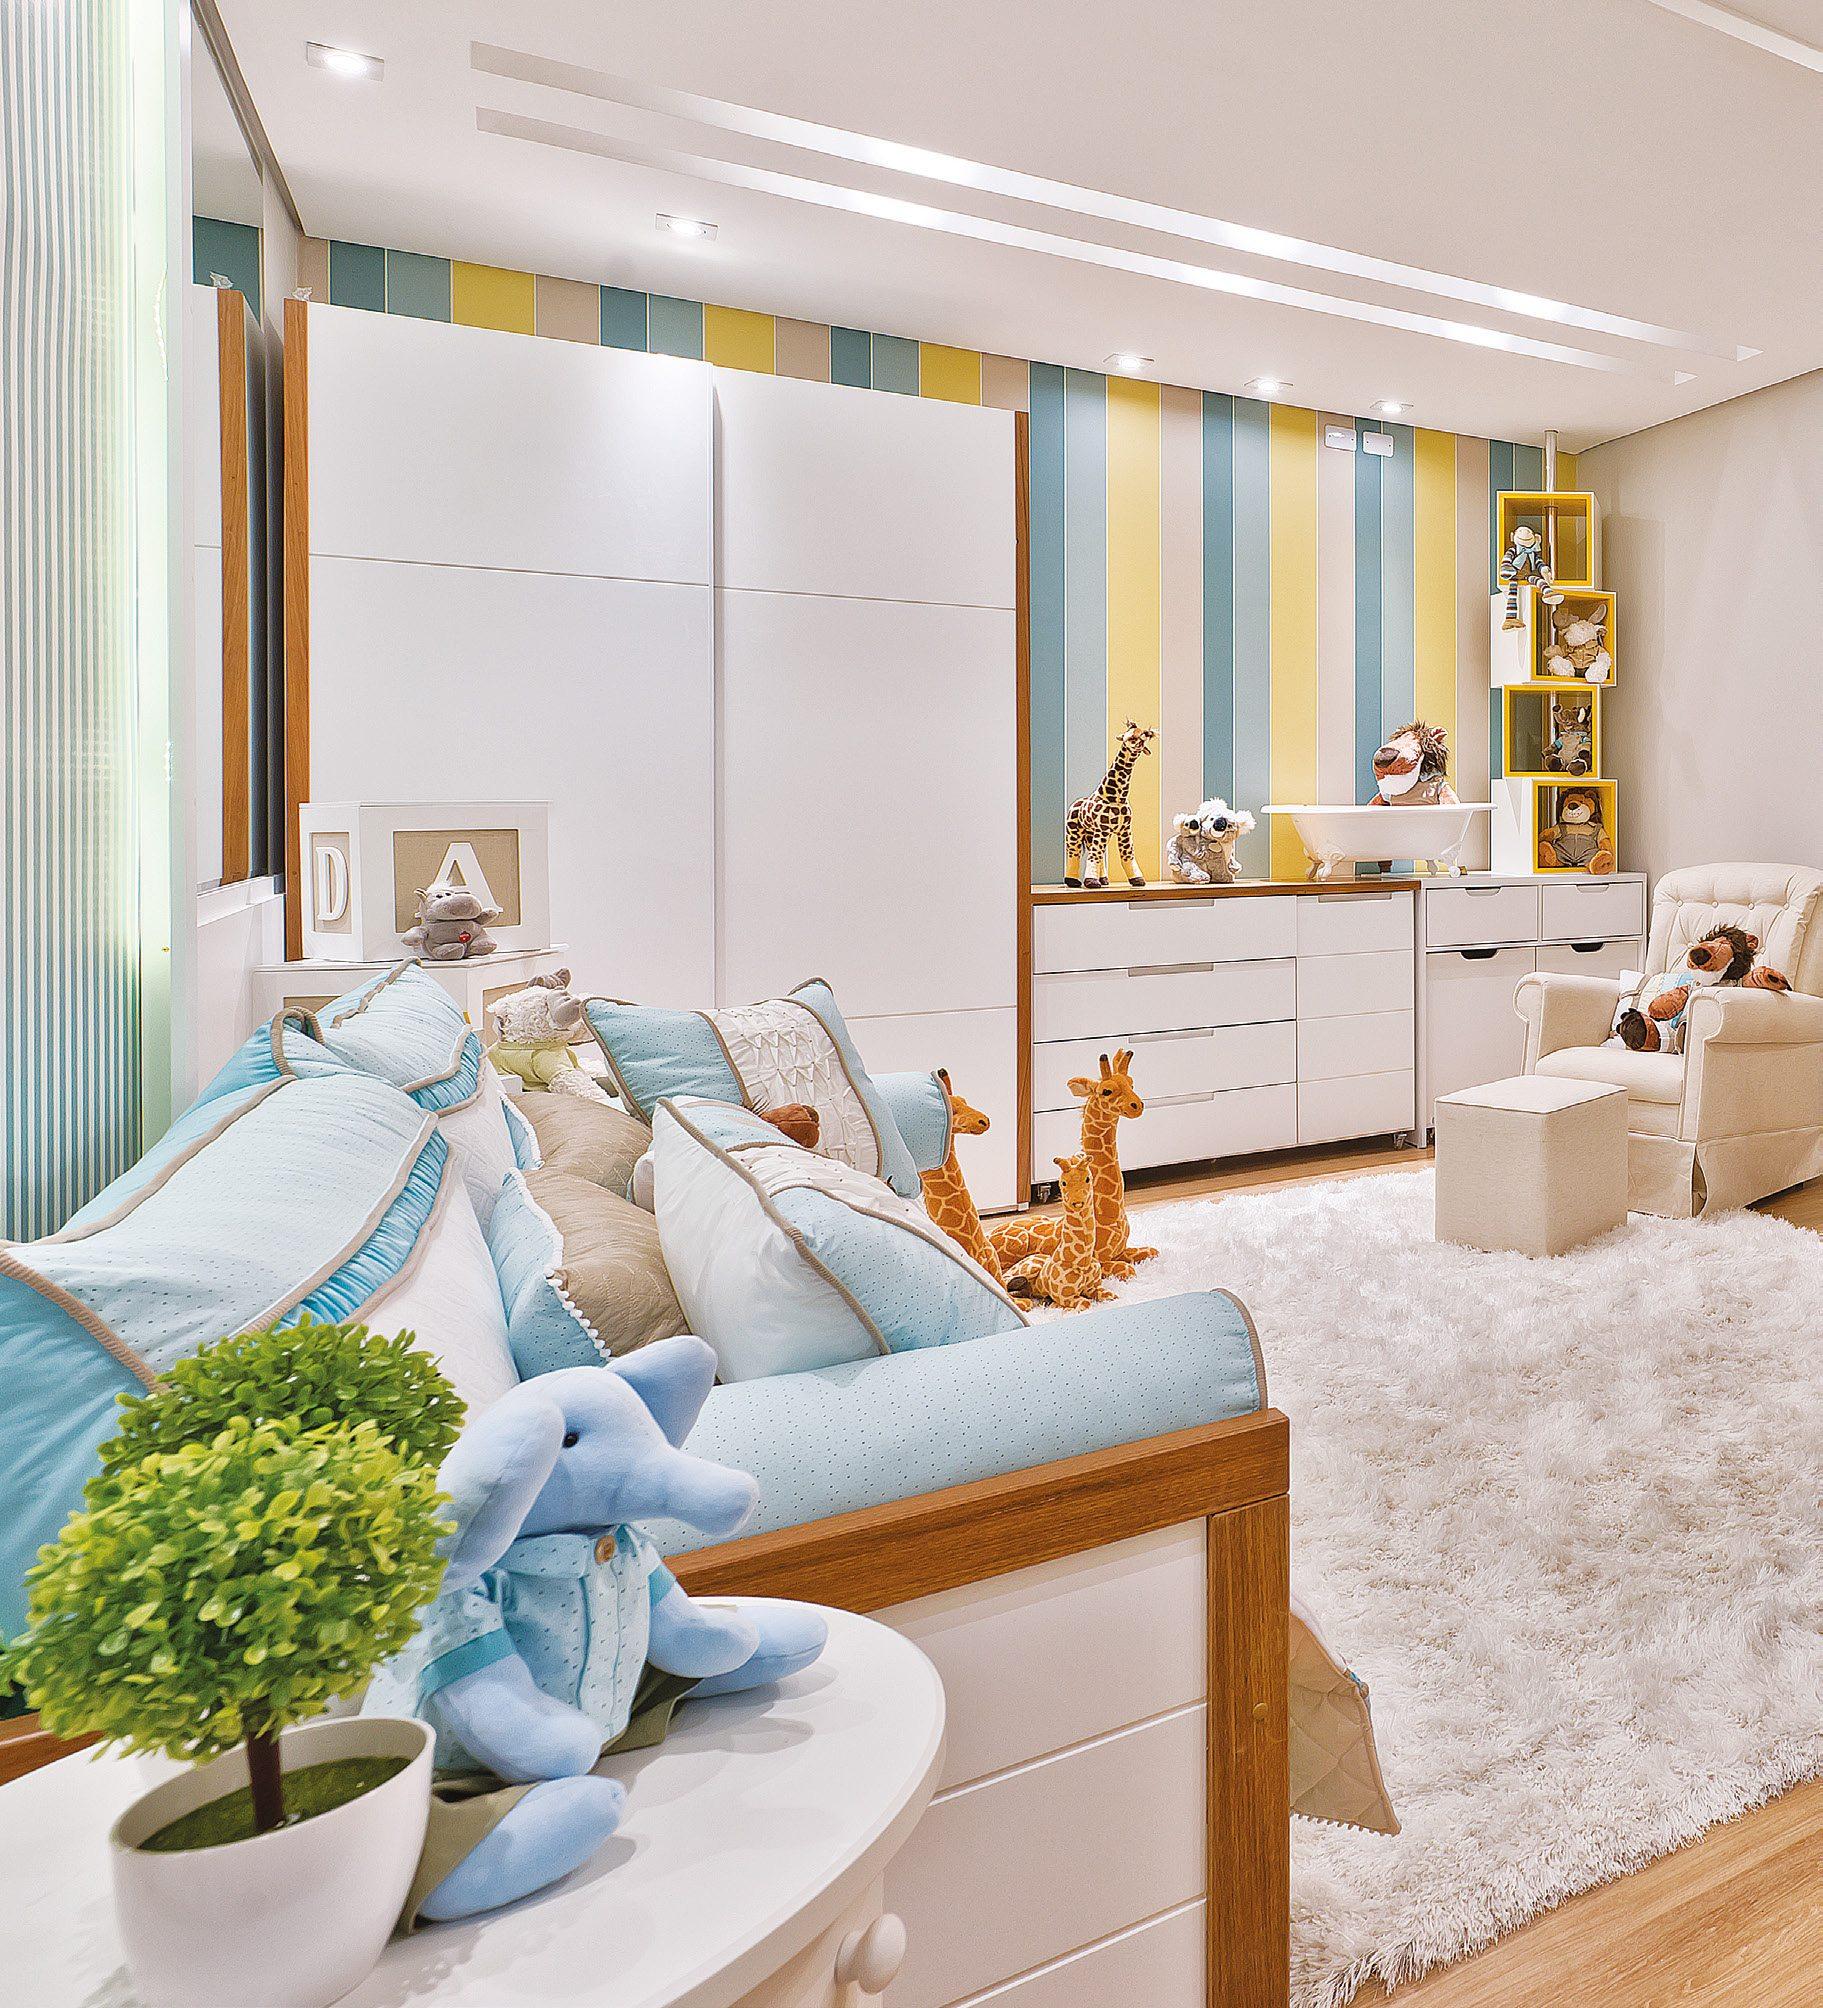 Quarto De Beb Moderno L Dico E Colorido Casa Ambiente Beb  ~ Armario Quarto Branco Com Parede Colorida Quarto